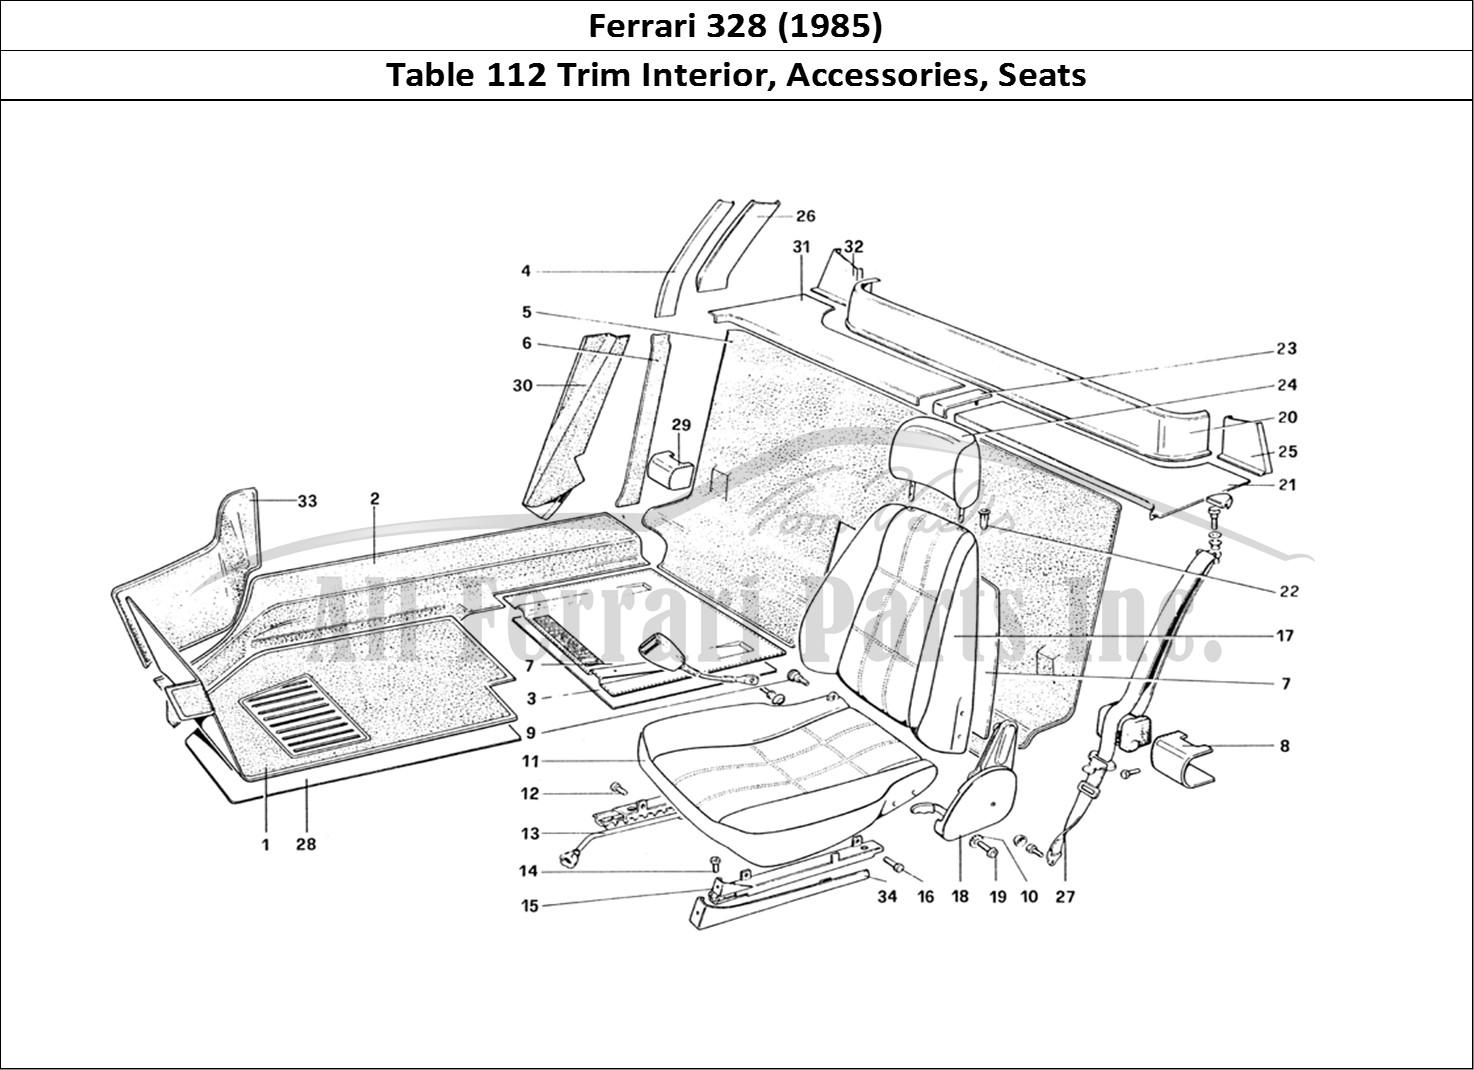 Buy Original Ferrari 328  1985  112 Trim Interior  Accessories  Seats Ferrari Parts  Spares